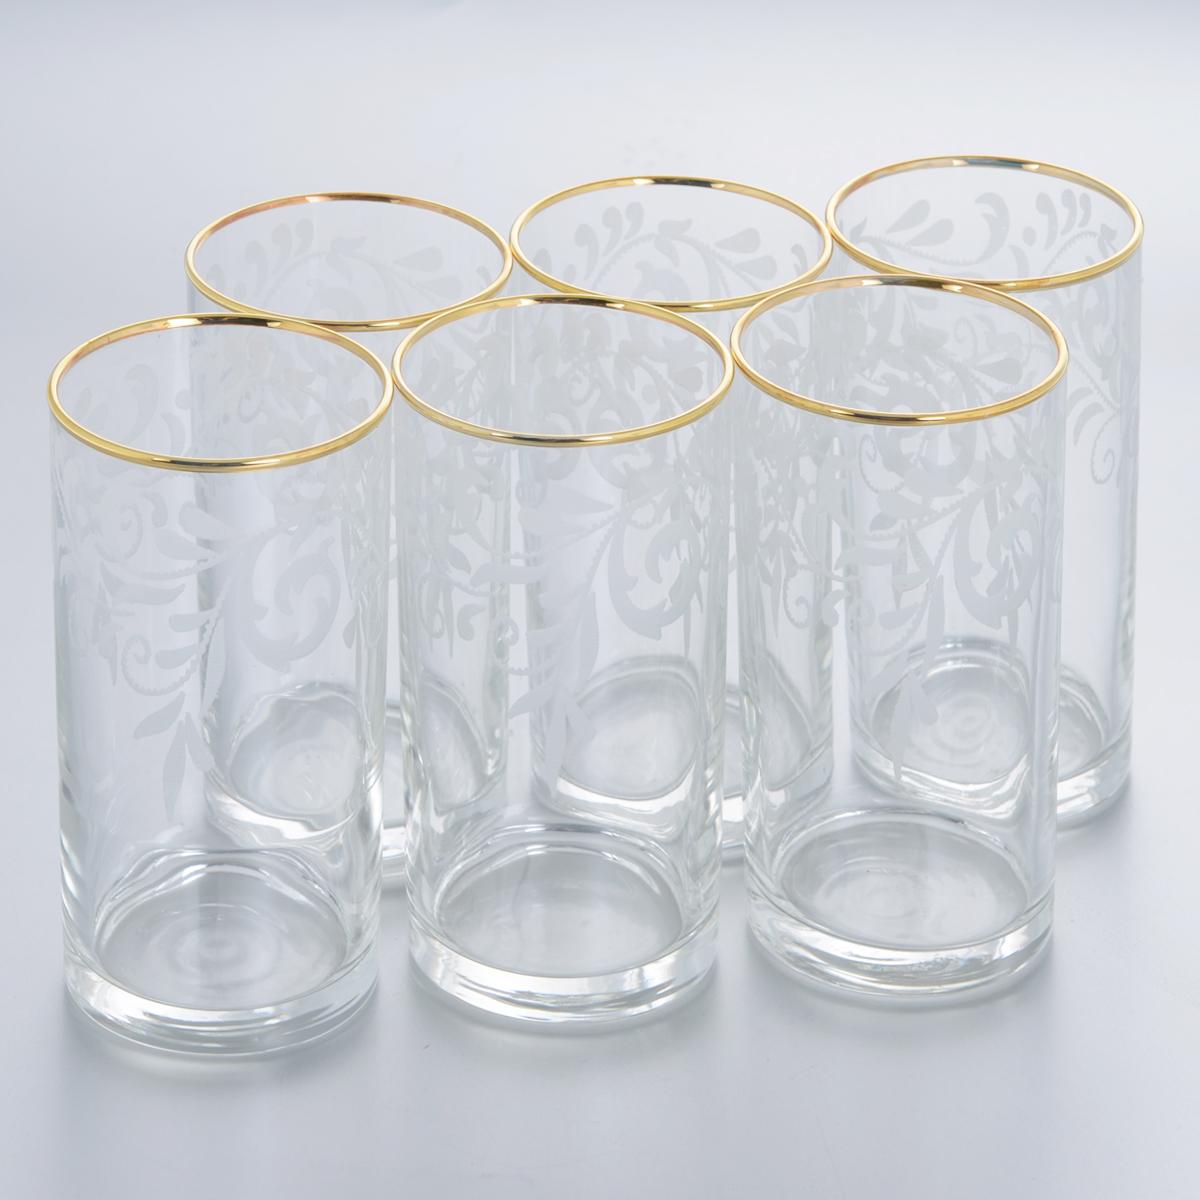 Набор стаканов для сока Гусь-Хрустальный Веточка, 290 мл, 6 шт набор стаканов гусь хрустальный веточка 350 мл 6 шт